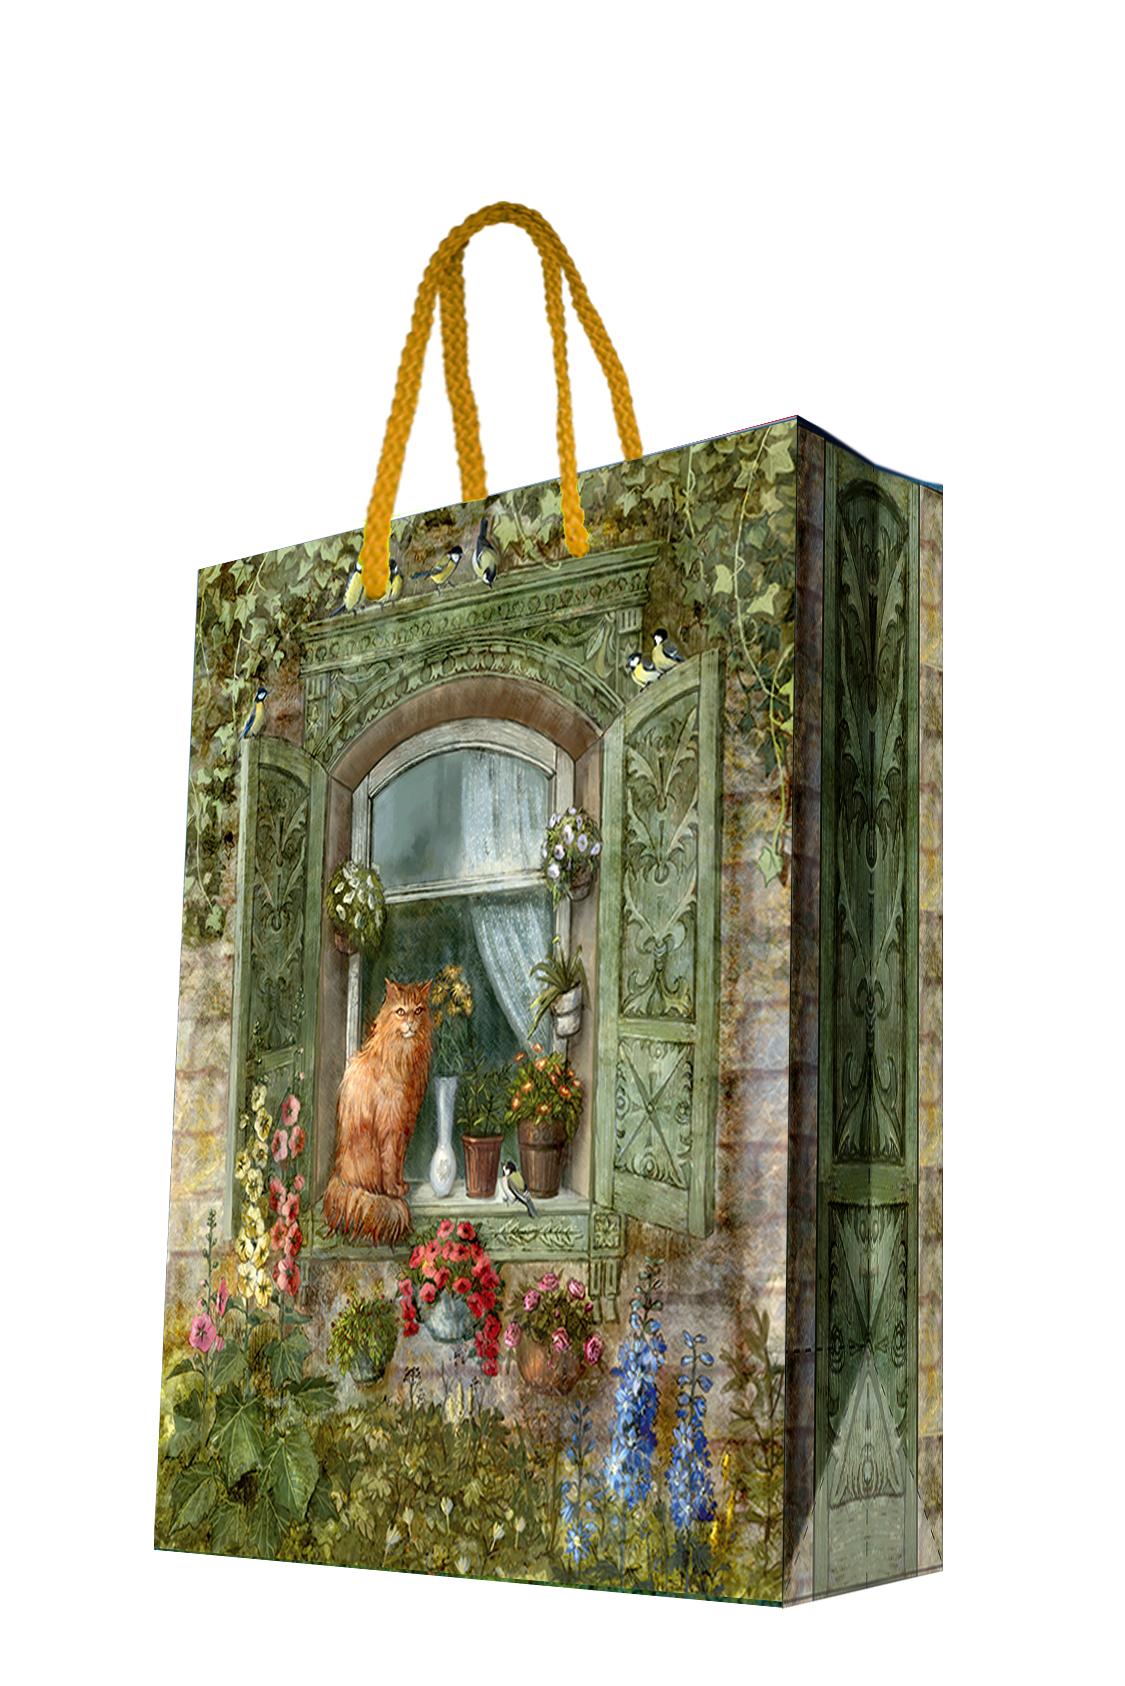 Пакет подарочный Magic Home Котик на окне, 17,8 х 22,9 х 9,8 см44177Подарочный пакет Magic Home, изготовленный из плотной бумаги, станет незаменимым дополнением к выбранному подарку. Дно изделия укреплено картоном, который позволяет сохранить форму пакета и исключает возможность деформации дна под тяжестью подарка. Пакет выполнен с глянцевой ламинацией, что придает ему прочность, а изображению - яркость и насыщенность цветов. Для удобной переноски имеются две ручки в виде шнурков. Подарок, преподнесенный в оригинальной упаковке, всегда будет самым эффектным и запоминающимся. Окружите близких людей вниманием и заботой, вручив презент в нарядном, праздничном оформлении. Плотность бумаги: 140 г/м2.